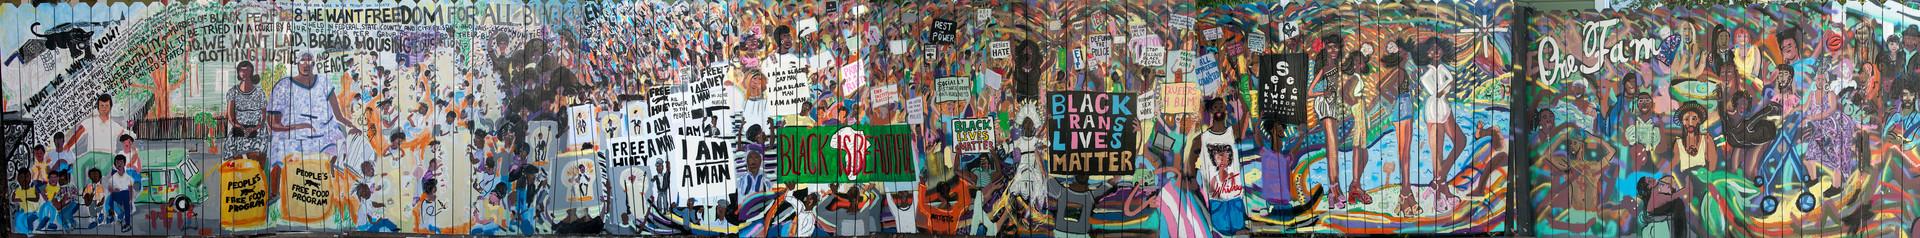 muralcompleto.jpg